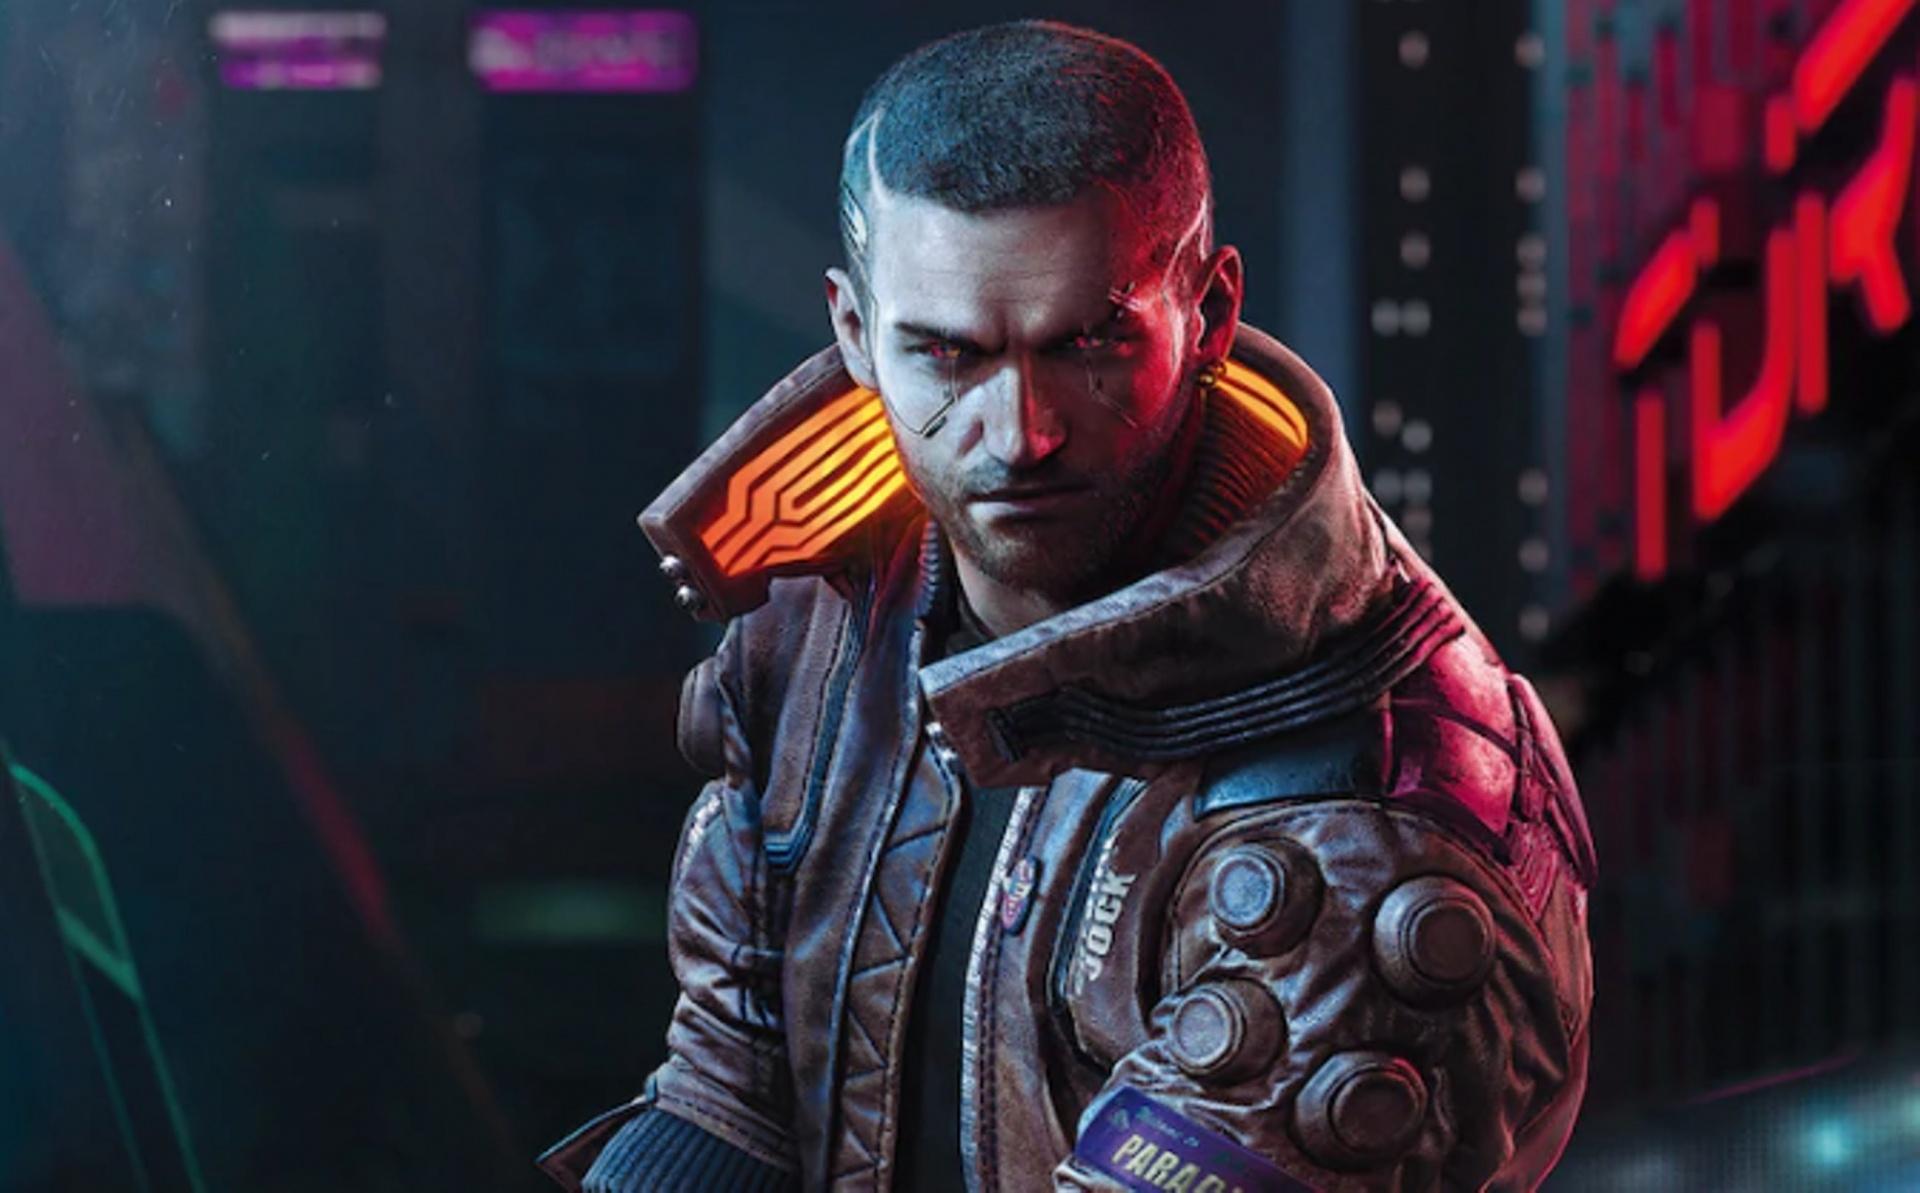 В Cyberpunk 2077 можно взламывать конечности врагов, чтобы они избивали хозяина